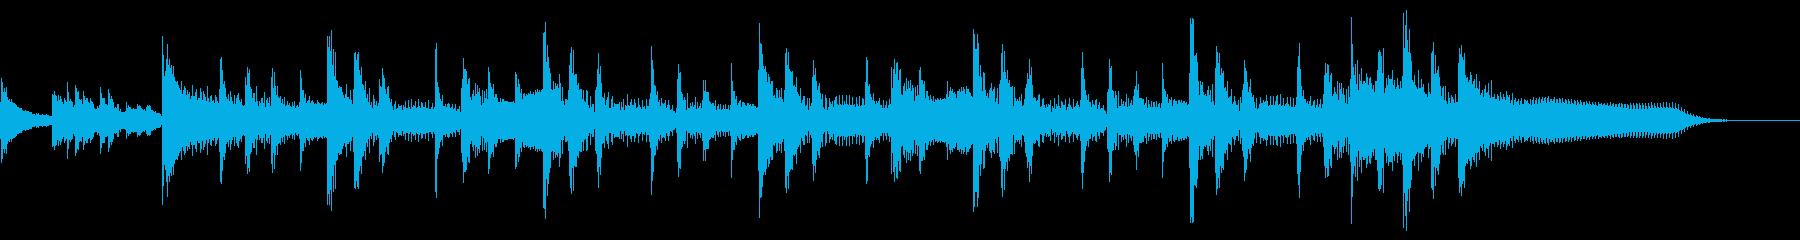 ランチェロリズム、スローテンポ、ベ...の再生済みの波形